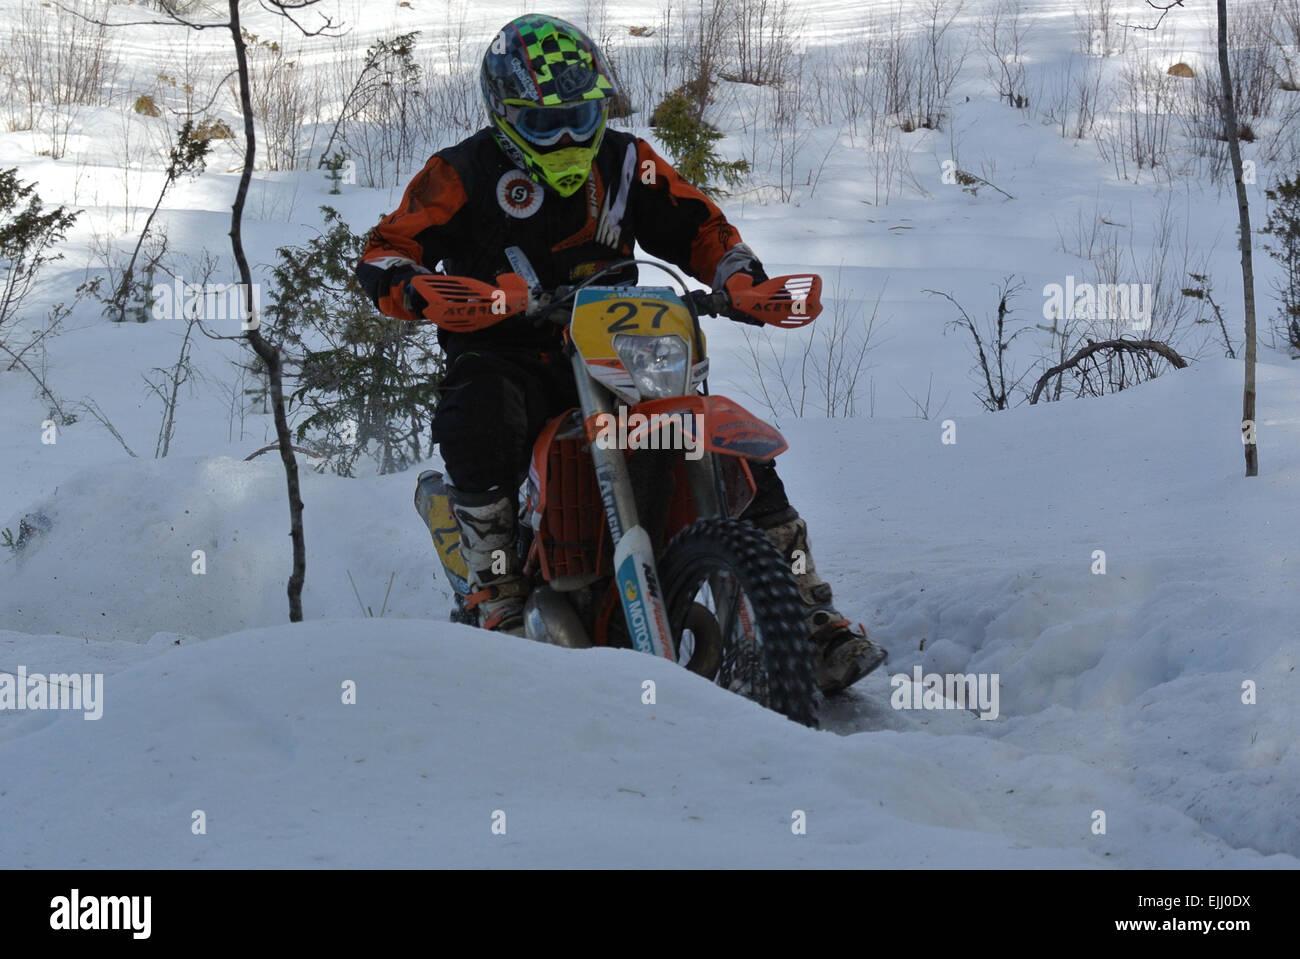 Lake Paijanne tour, Roni Nikander, 4th 2015 race - Stock Image